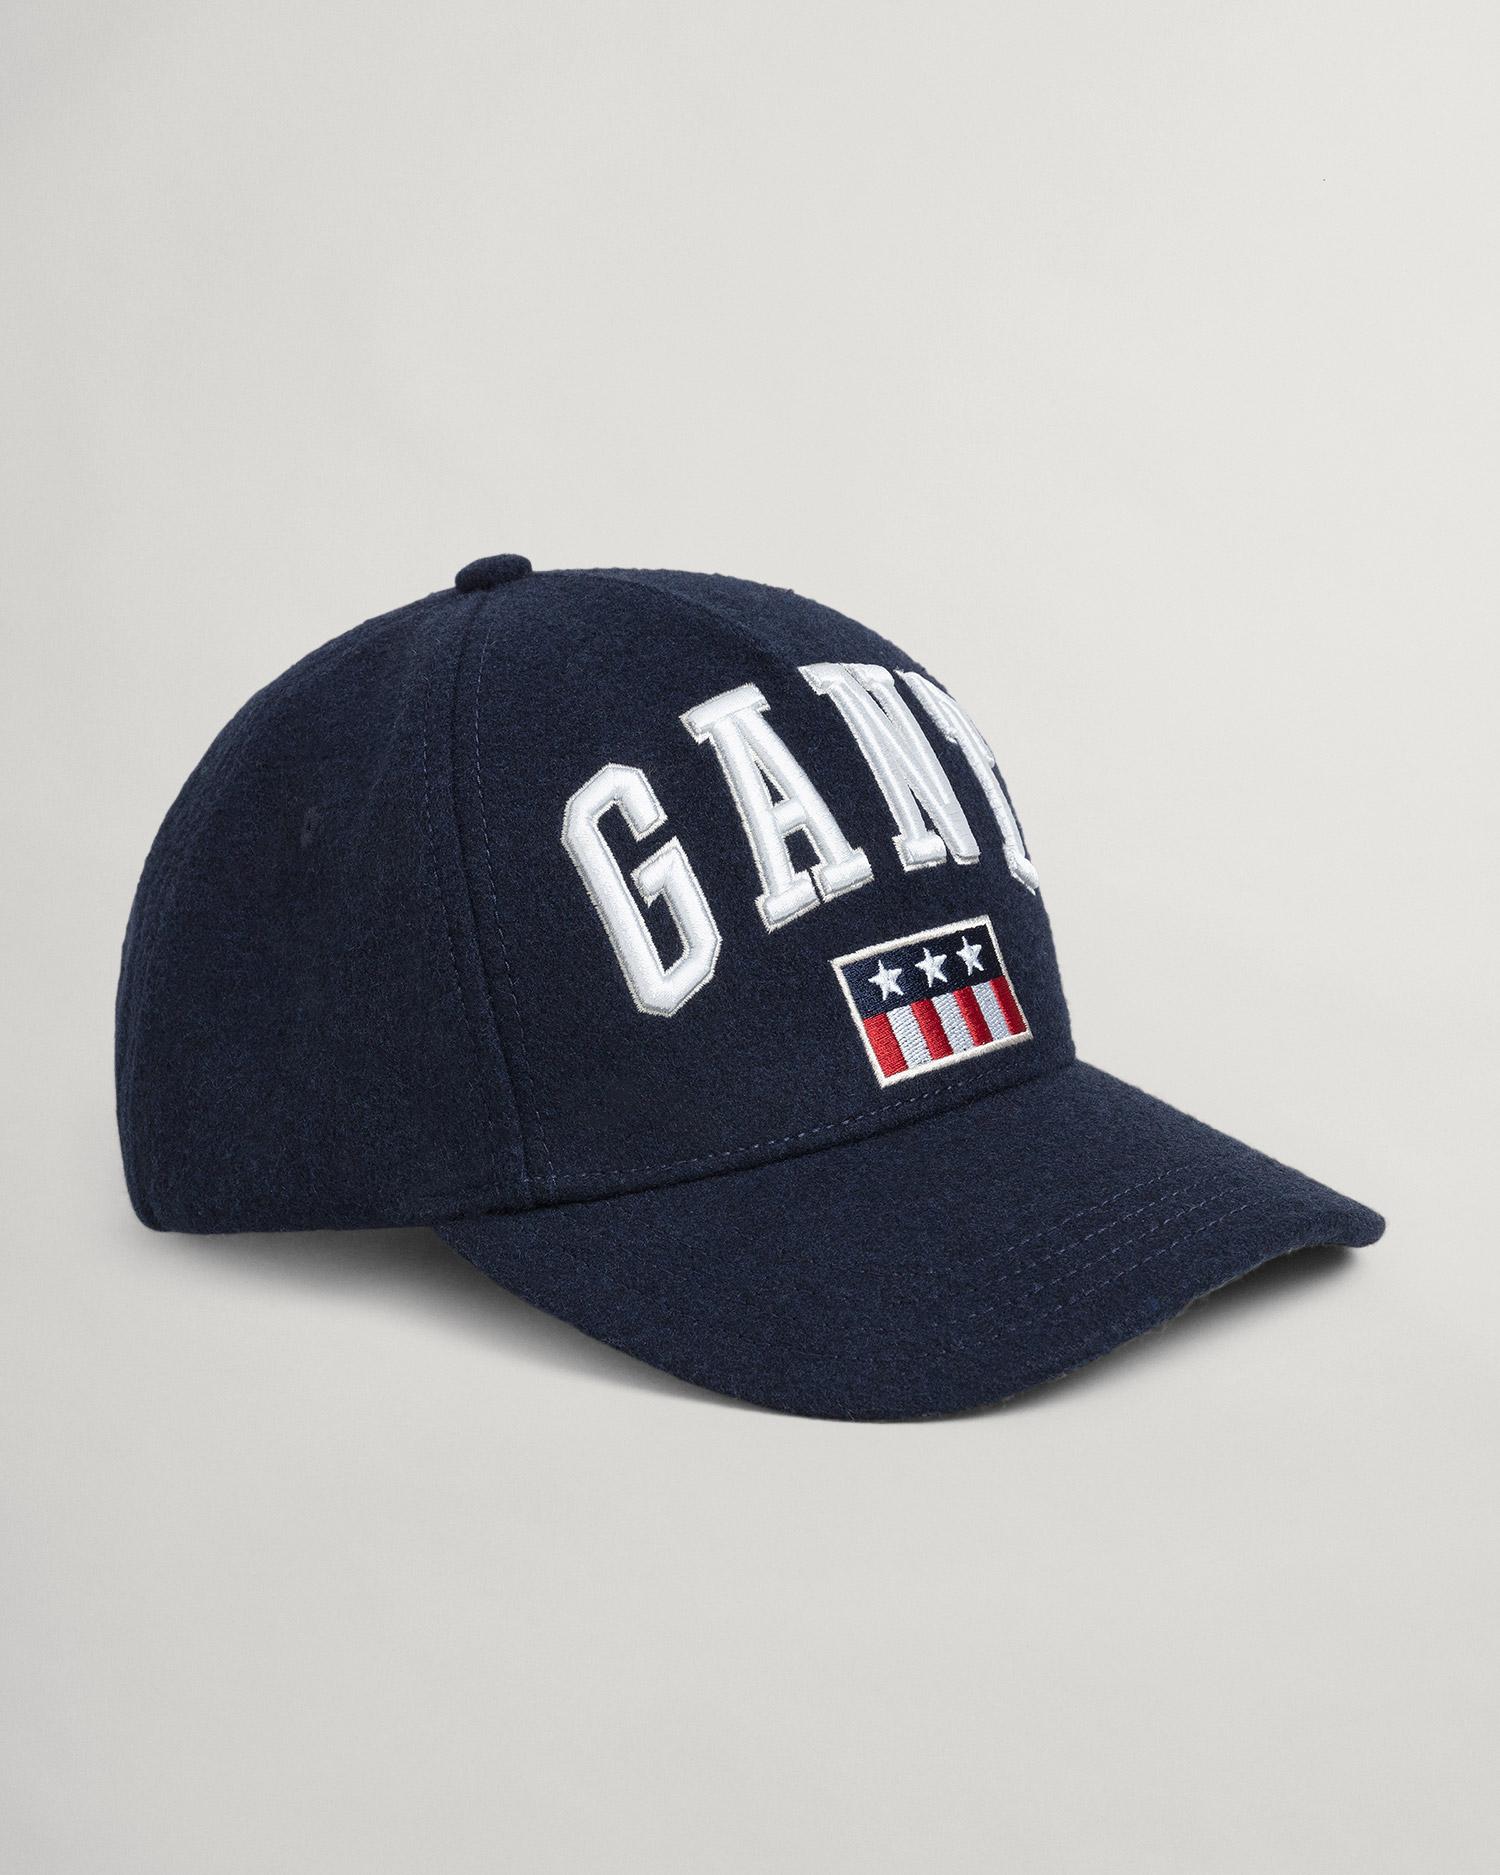 GANT czapka wełniana z nadrukiem - 9900069